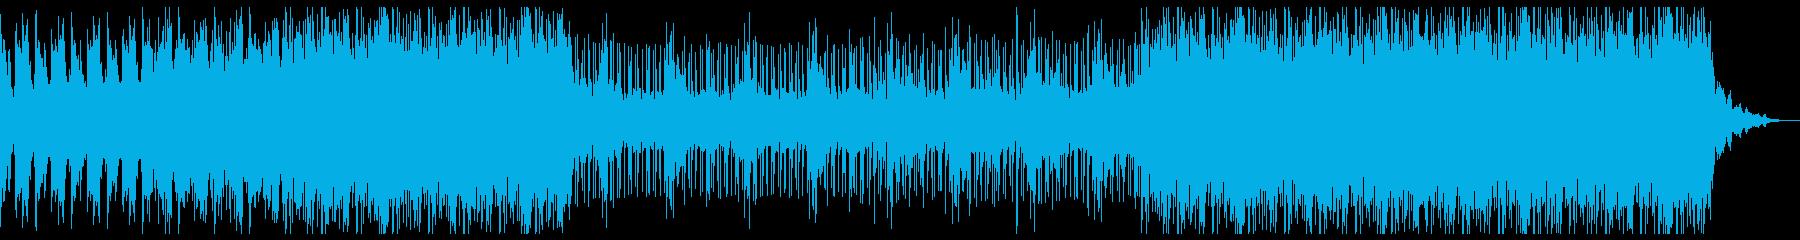 近未来的な疾走感のあるBGMの再生済みの波形